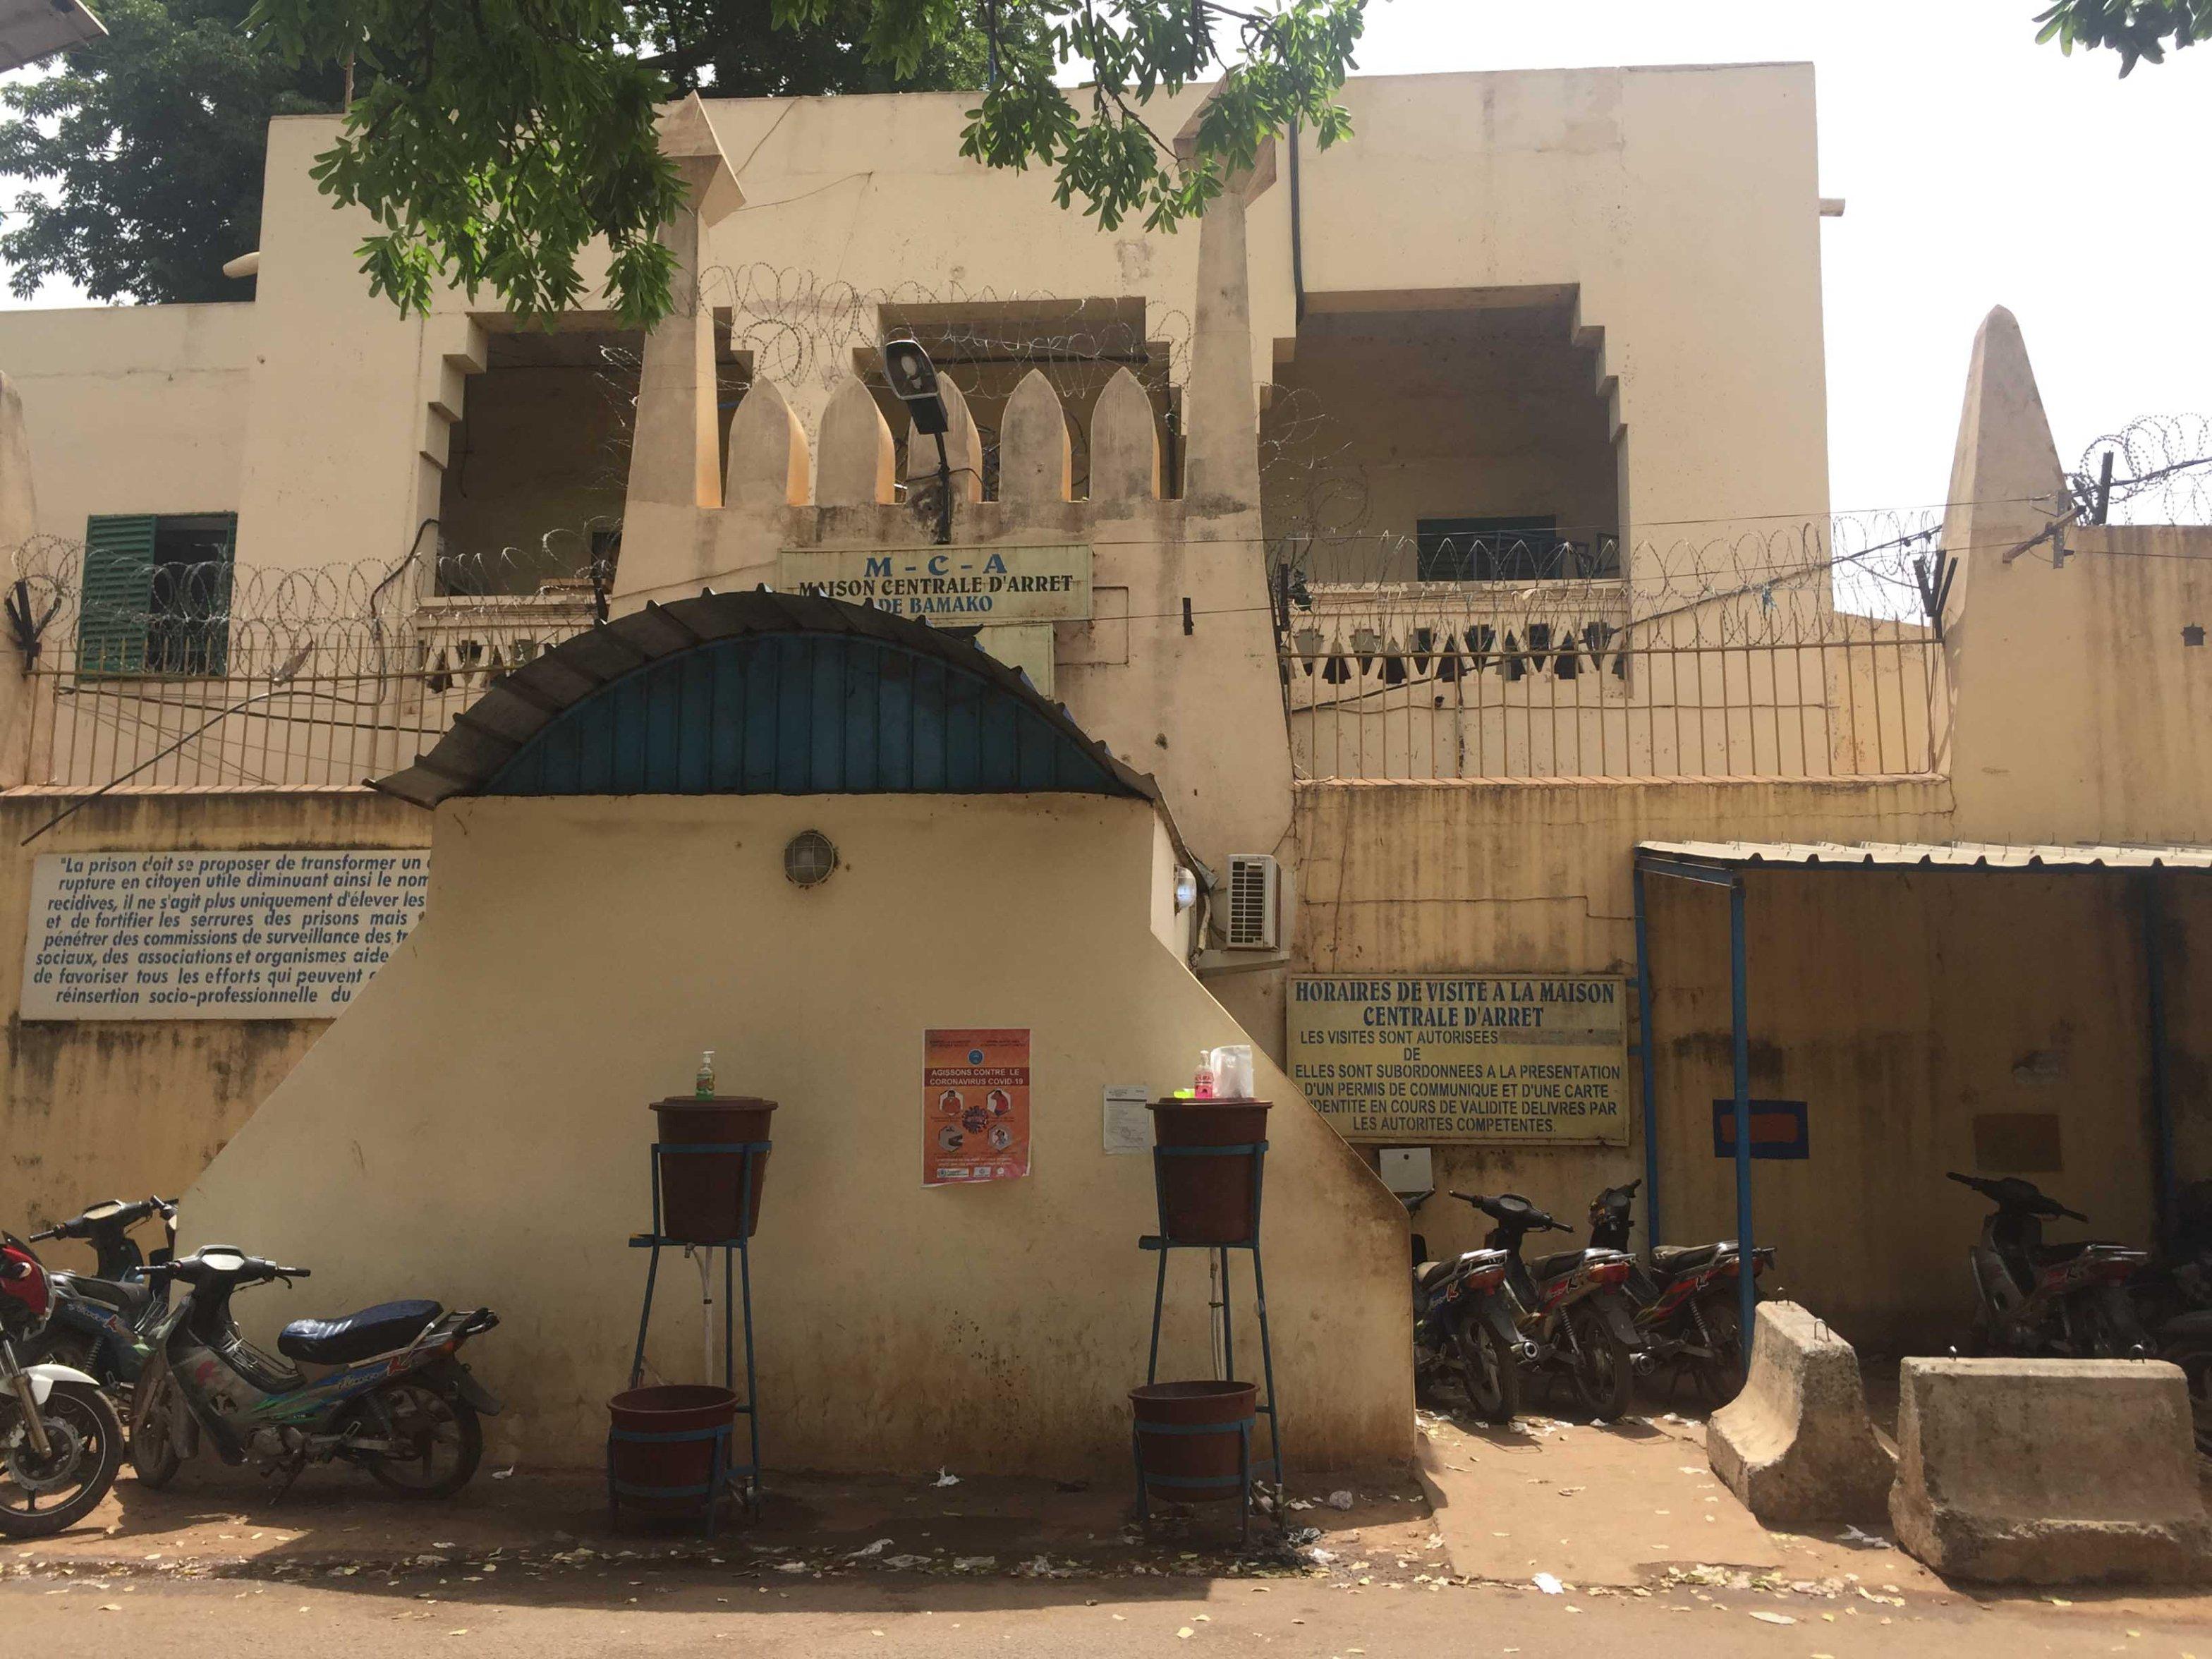 """M. Konaté, """"Dans la Prison Centrale Surpeuplée de Bamako, La Menace Inquiétante du COVID-19,"""" Carnetdusud, 8 May 2020, https://carnetdusud.wordpress.com/2020/05/08/dans-la-prison-centrale-surpeuplee-de-bamako-la-menace-inquietante-du-covid-19/"""